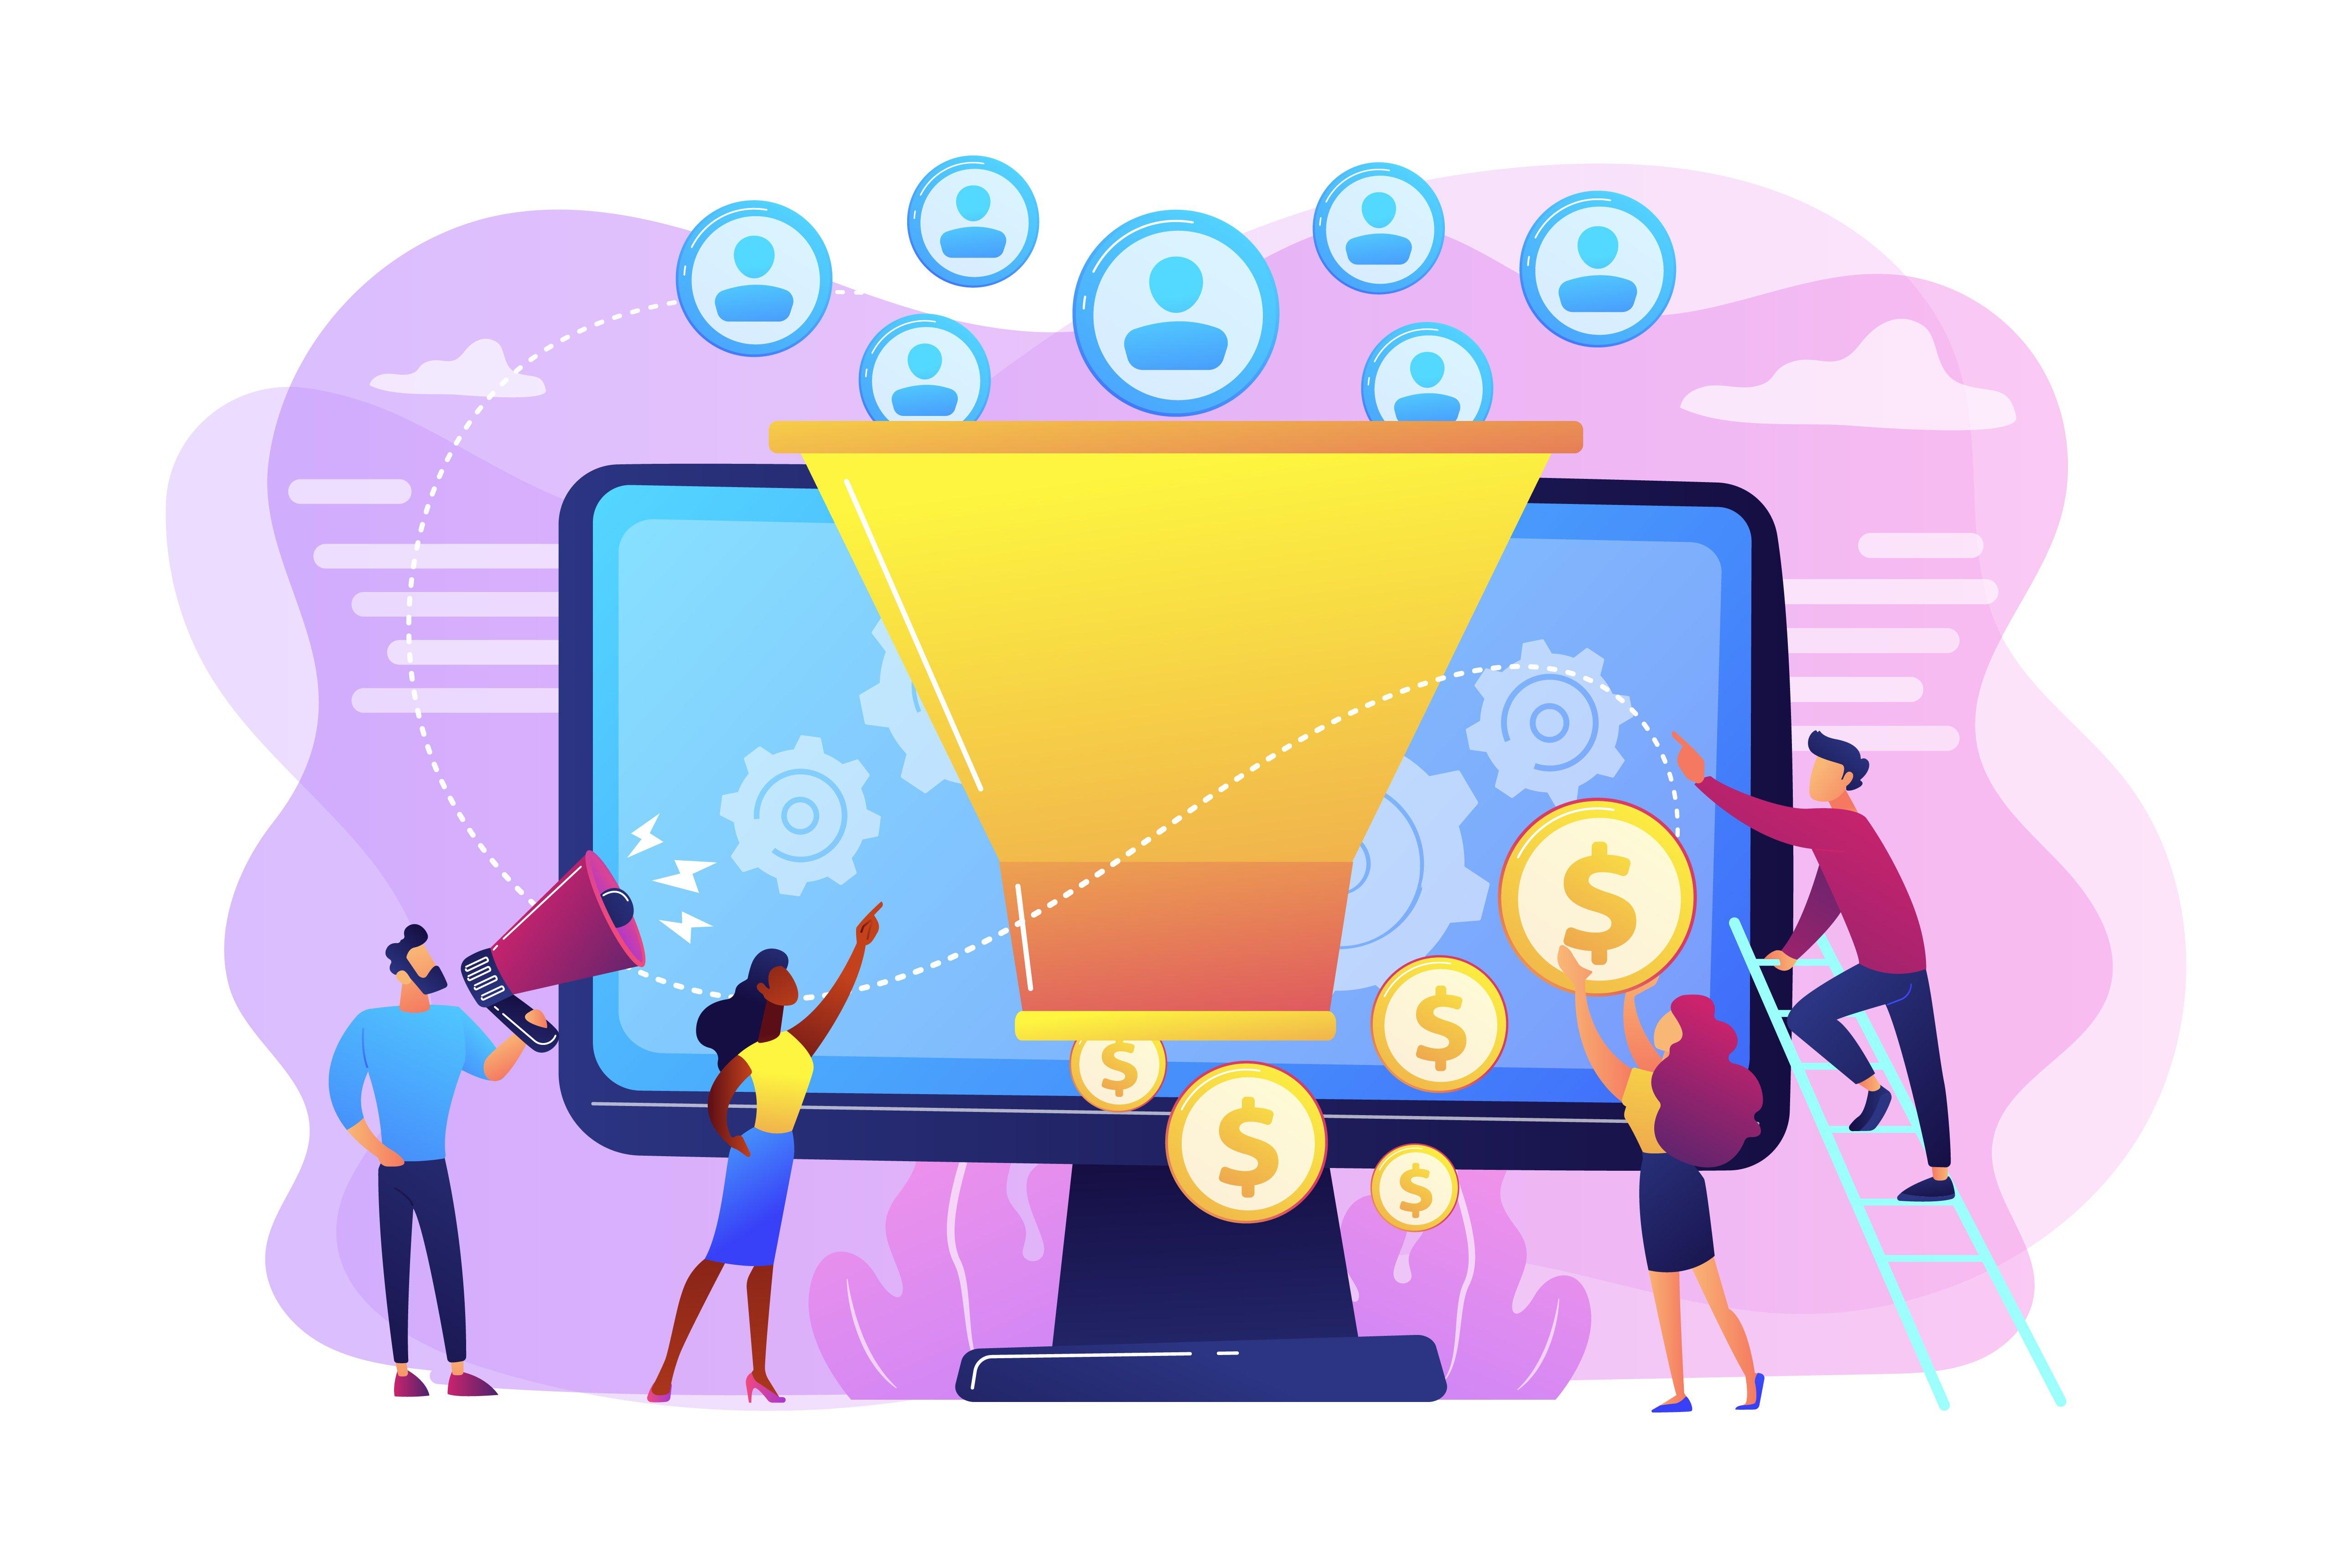 iSmart Communications Lead Generation